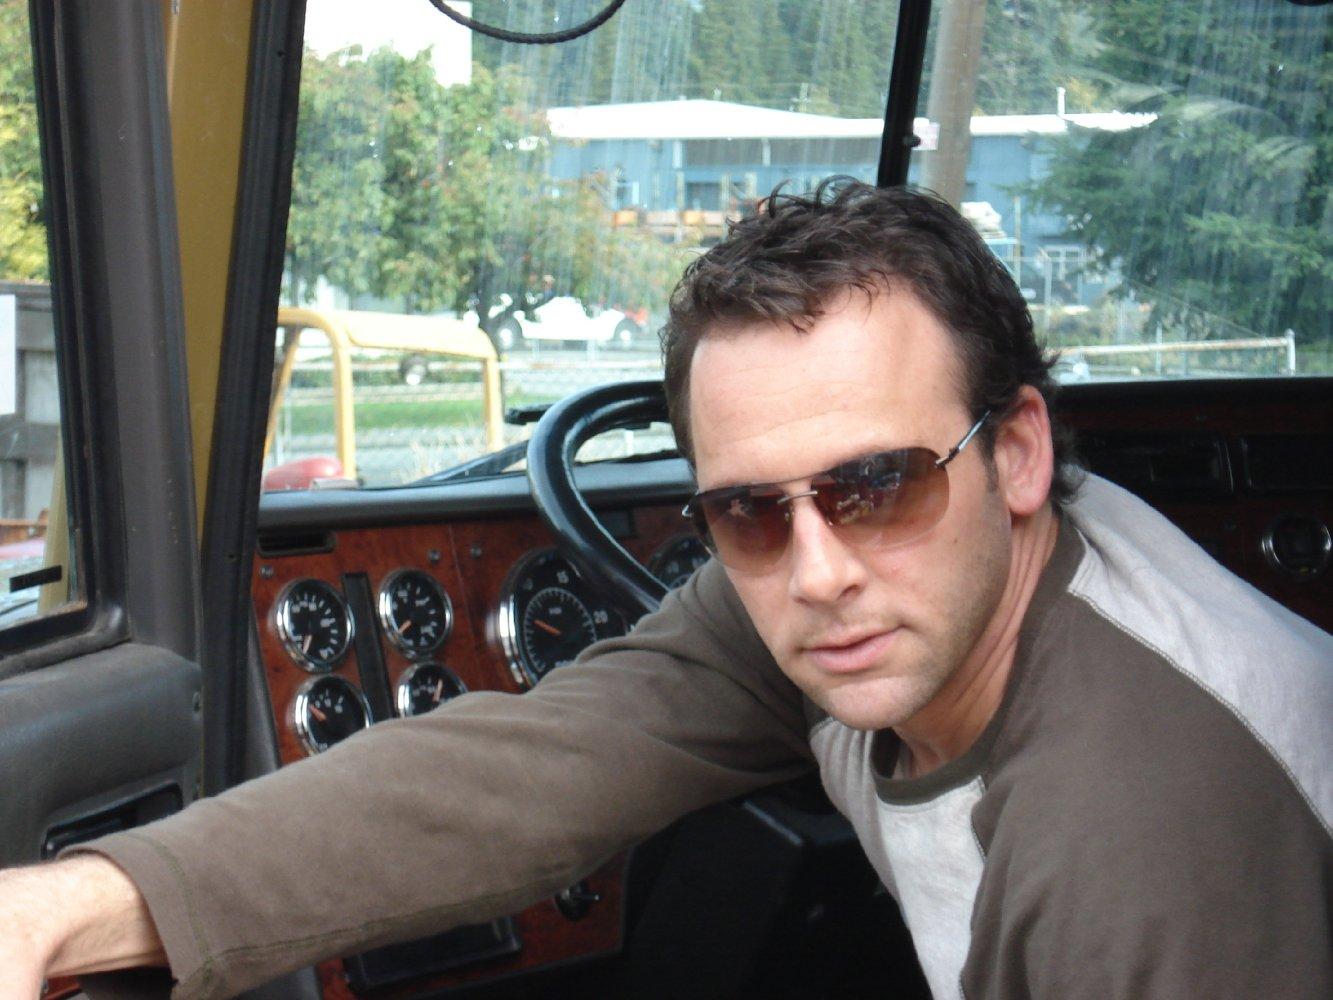 Jeff Sanca